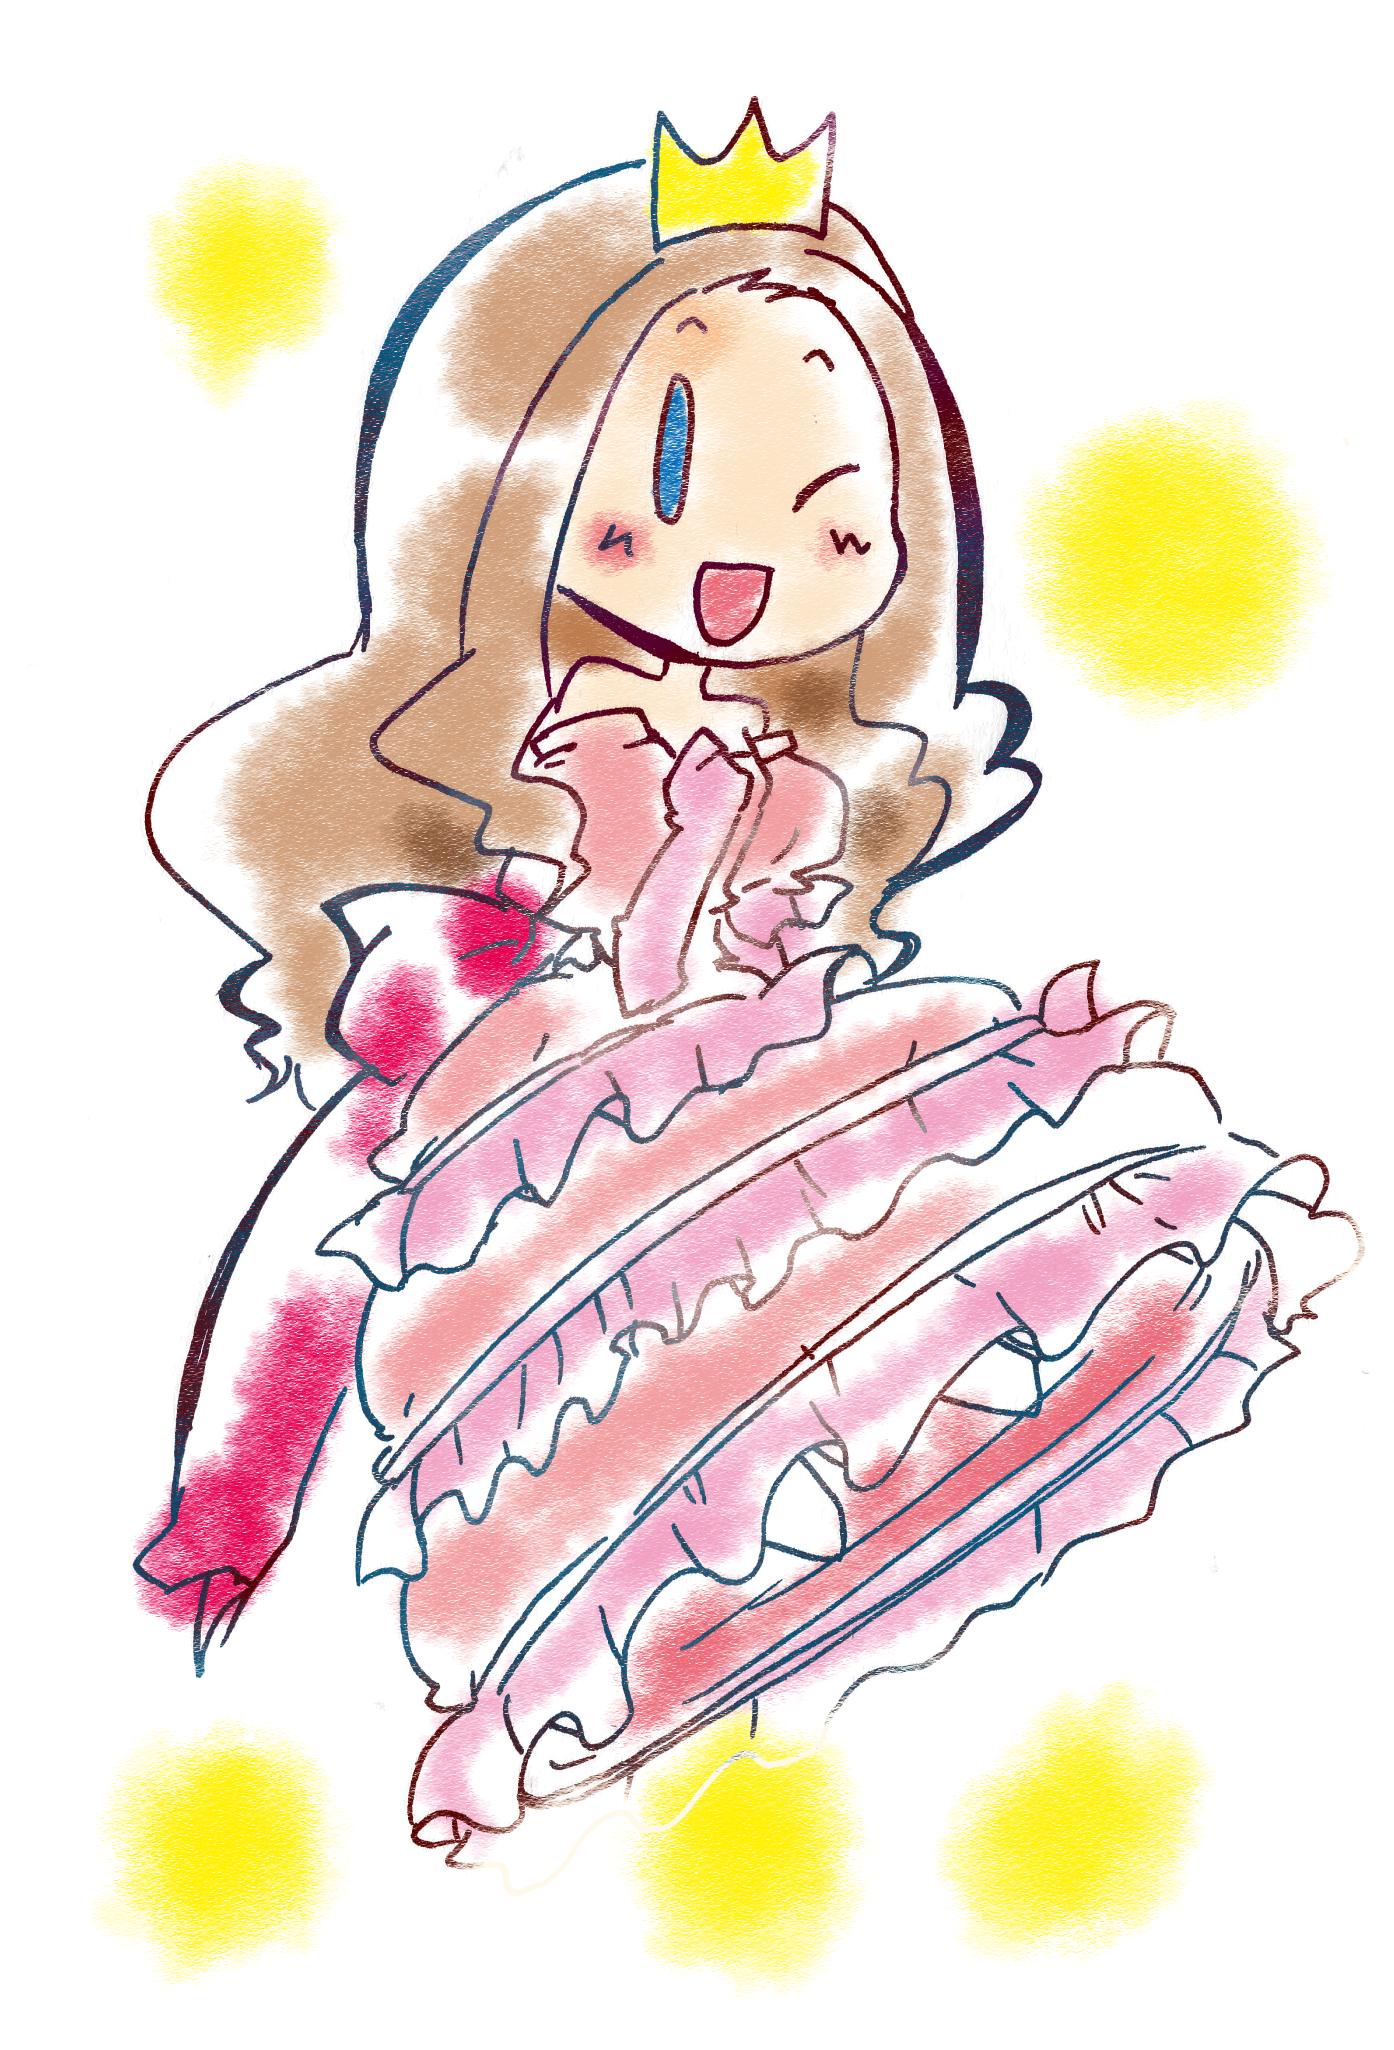 ドレスを着せて華やかに!!基本的なドレスイラストの描き方